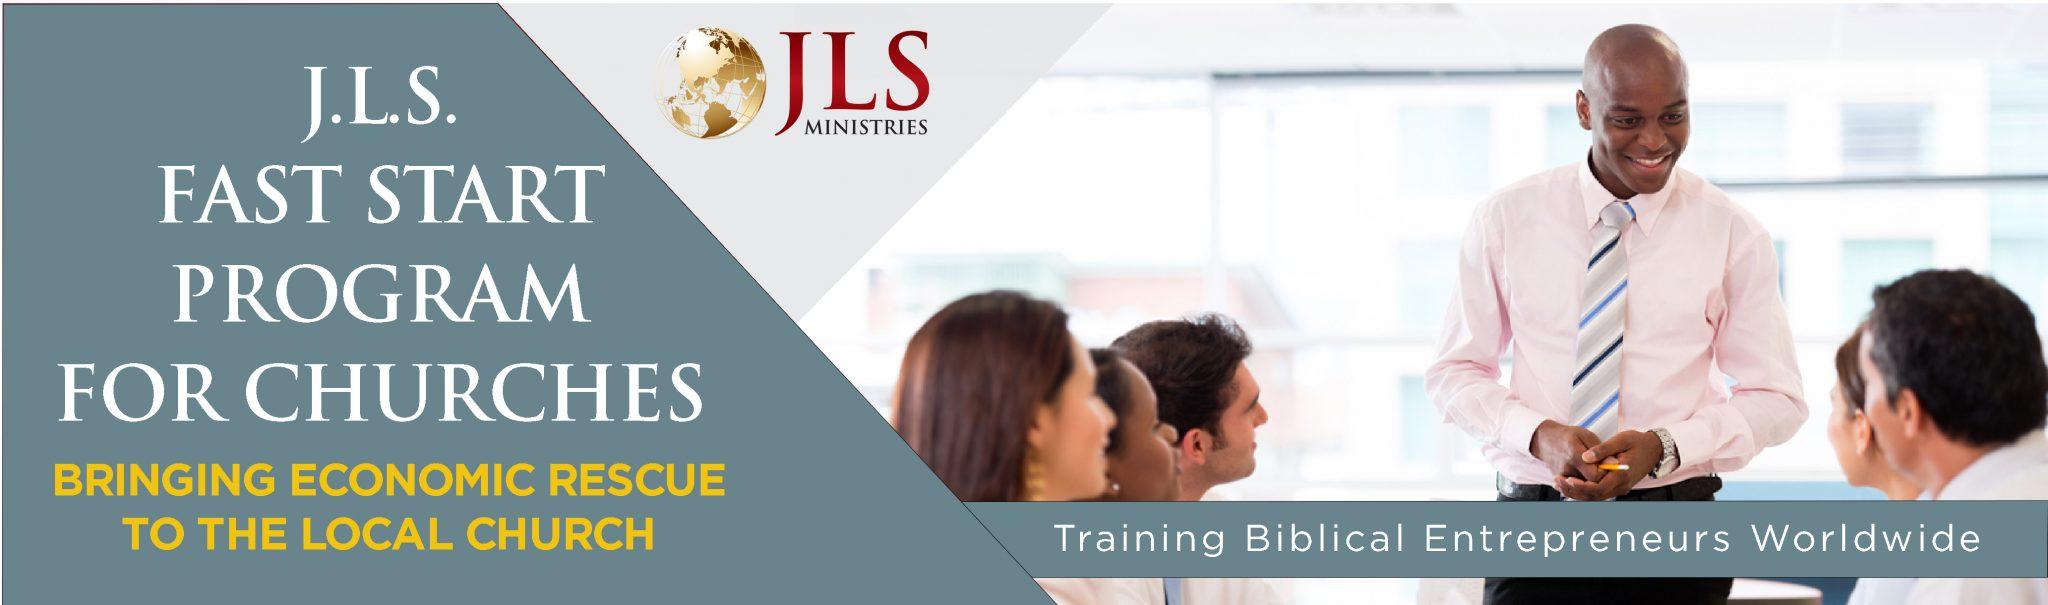 jls-ministries-fast-start-program5-1-2048×605